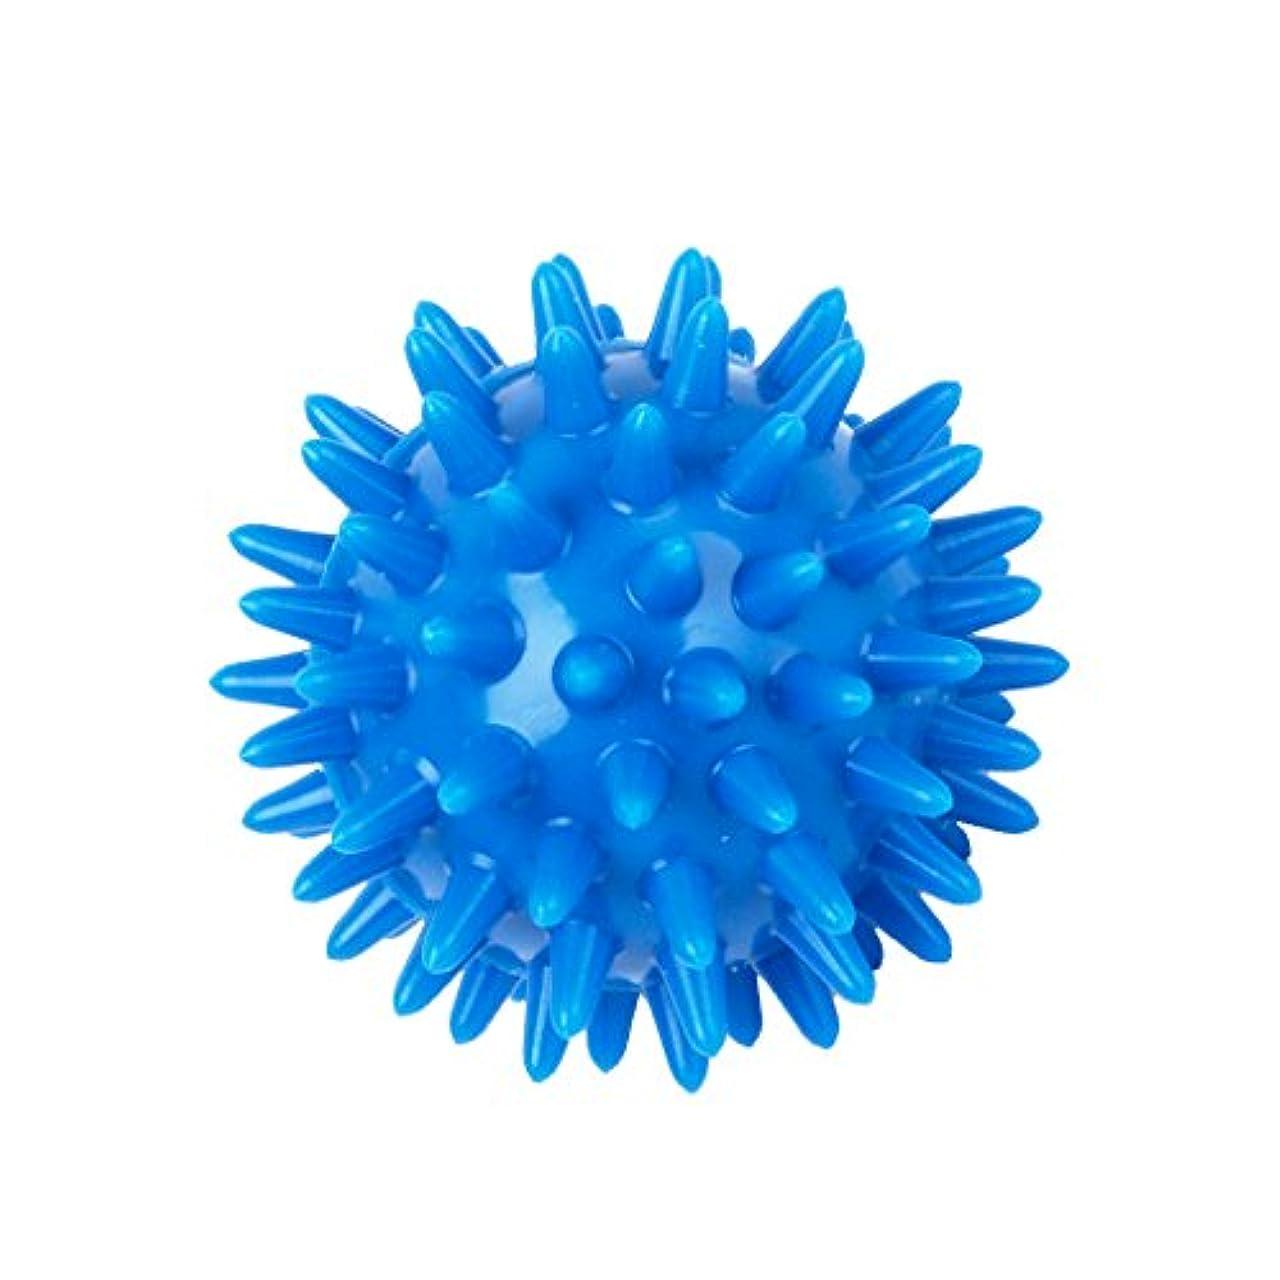 脱獄ビデオ薬用PVC製 足用マッサージボール マッサージボール 筋肉緊張和らげ 血液循環促進 5.5センチメートル ブルー